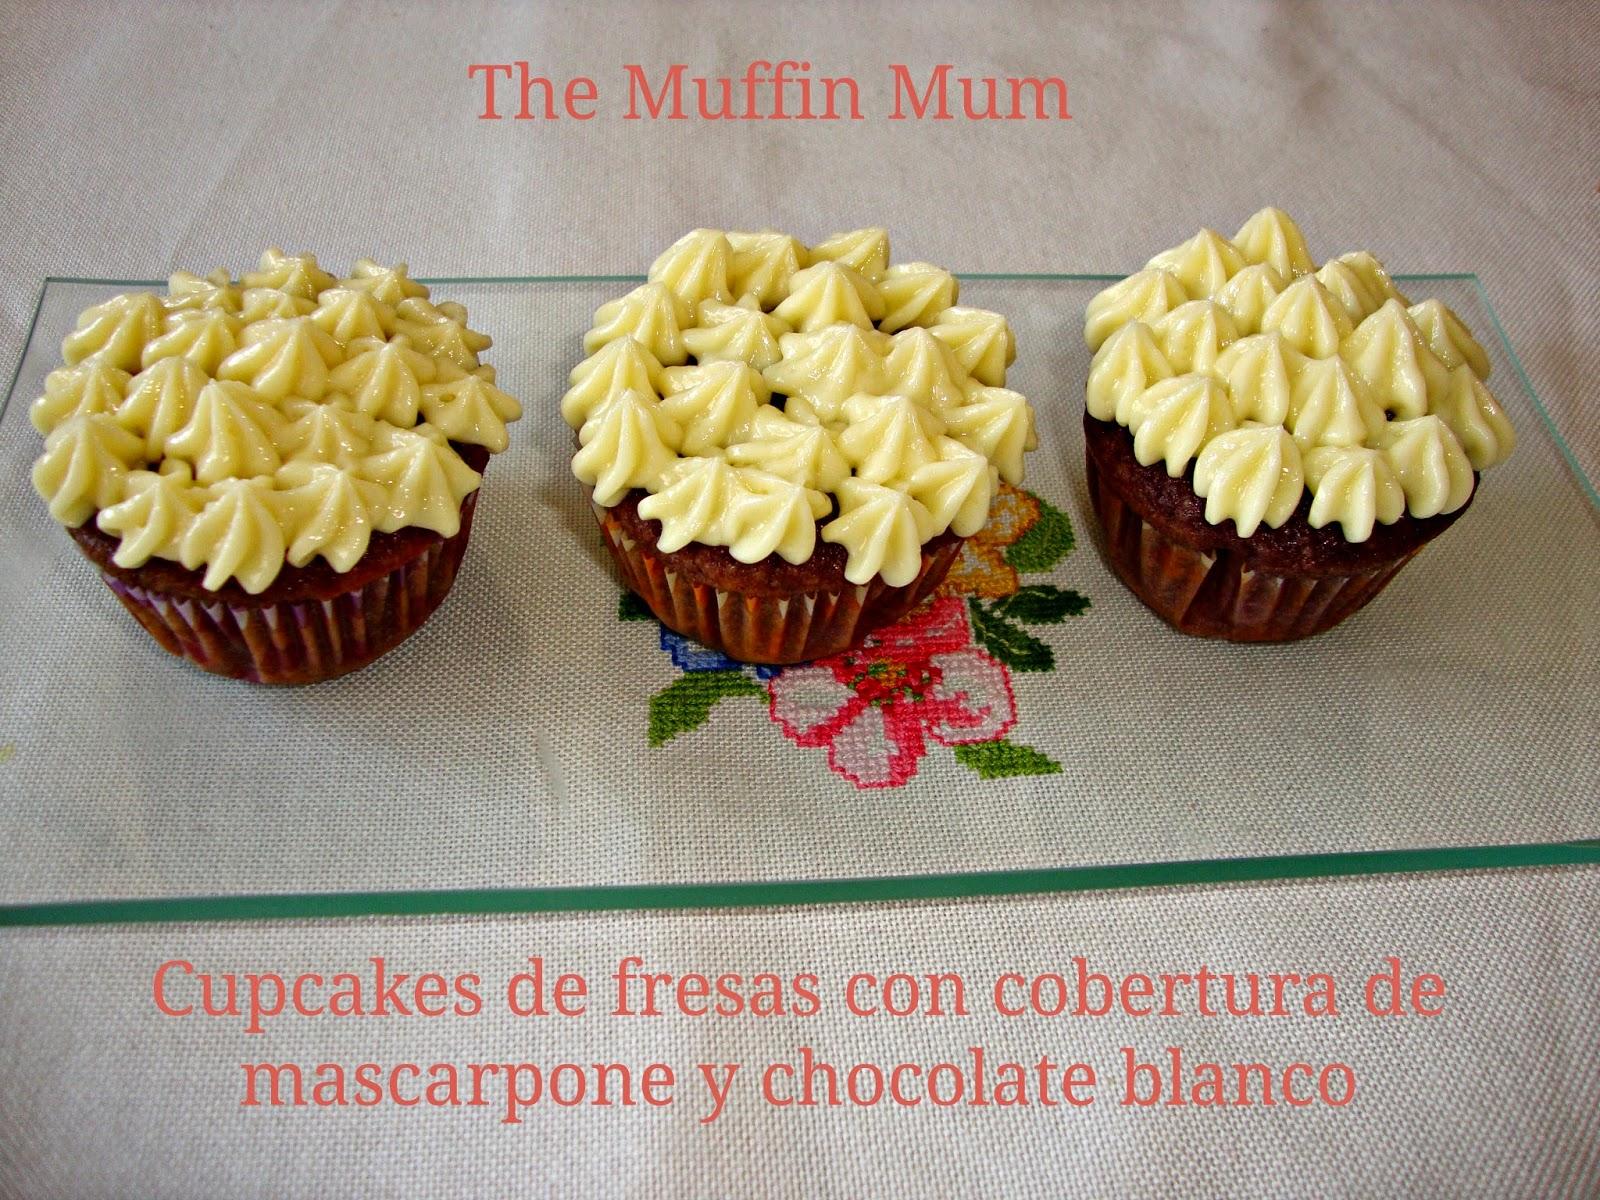 cupcakes de fresas con cobertura de mascarpone y chocolate blanco